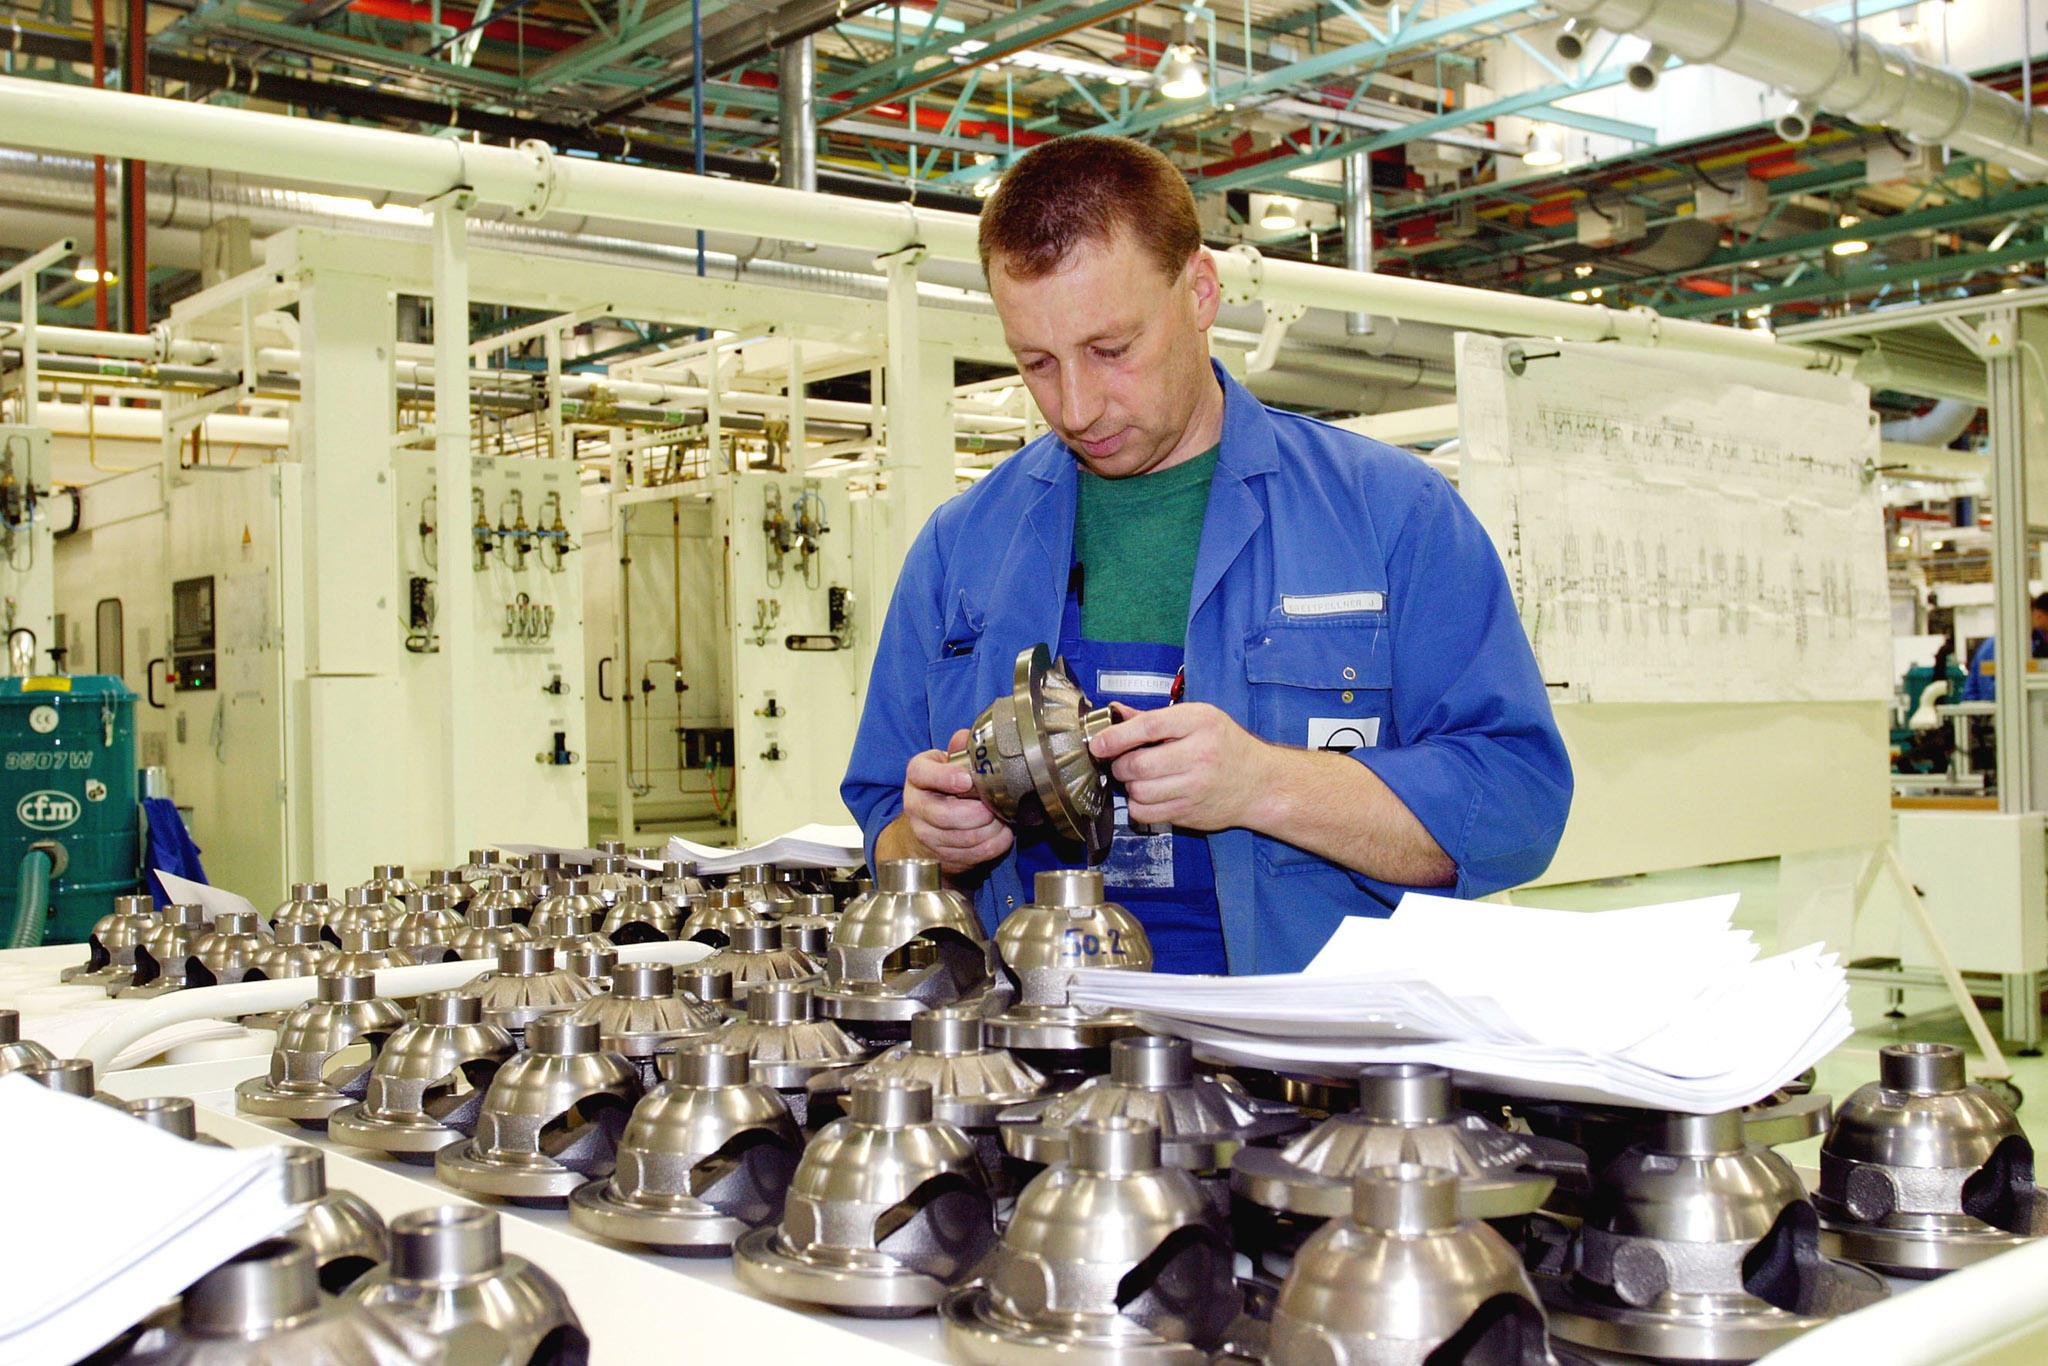 Brandneue Maschinen und die ersten Differentialgehäuse aus Asperner Produktion für das neue Sechsgang-Getriebe: Brandneuer Maschinenpark und die ersten Differentialgehäuse aus Asperner Produktion für das neue Sechsgang-Getriebe.